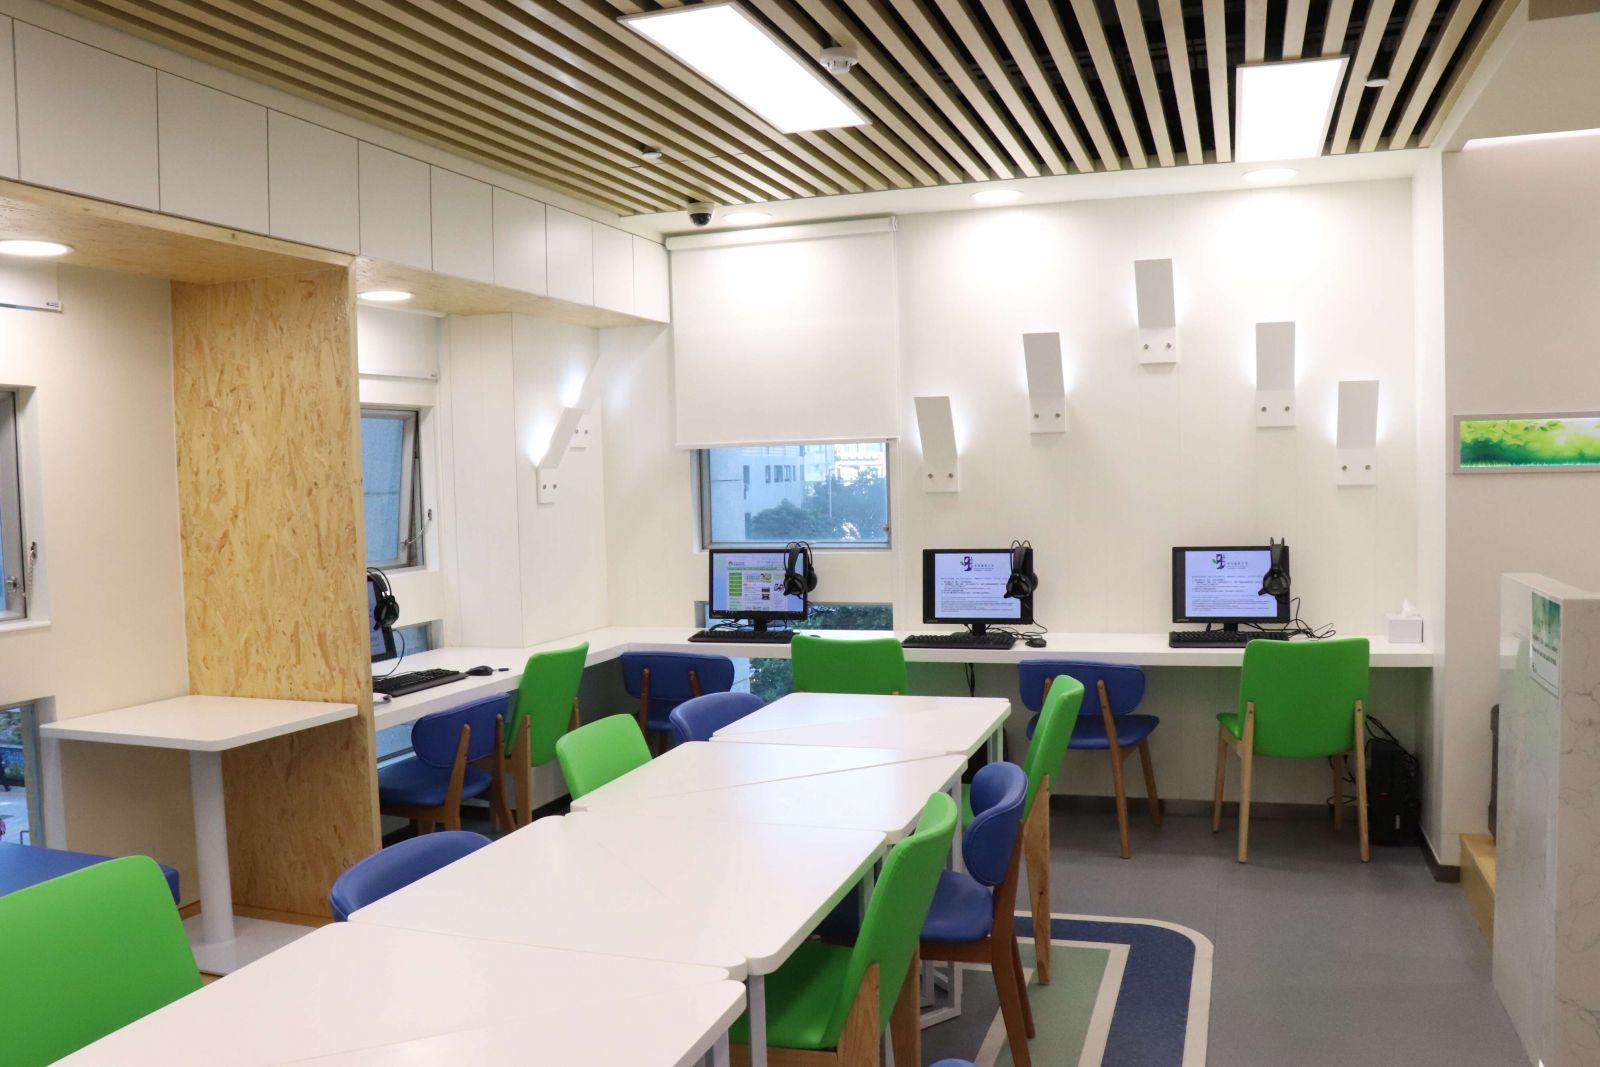 為該區學生提供自修空間